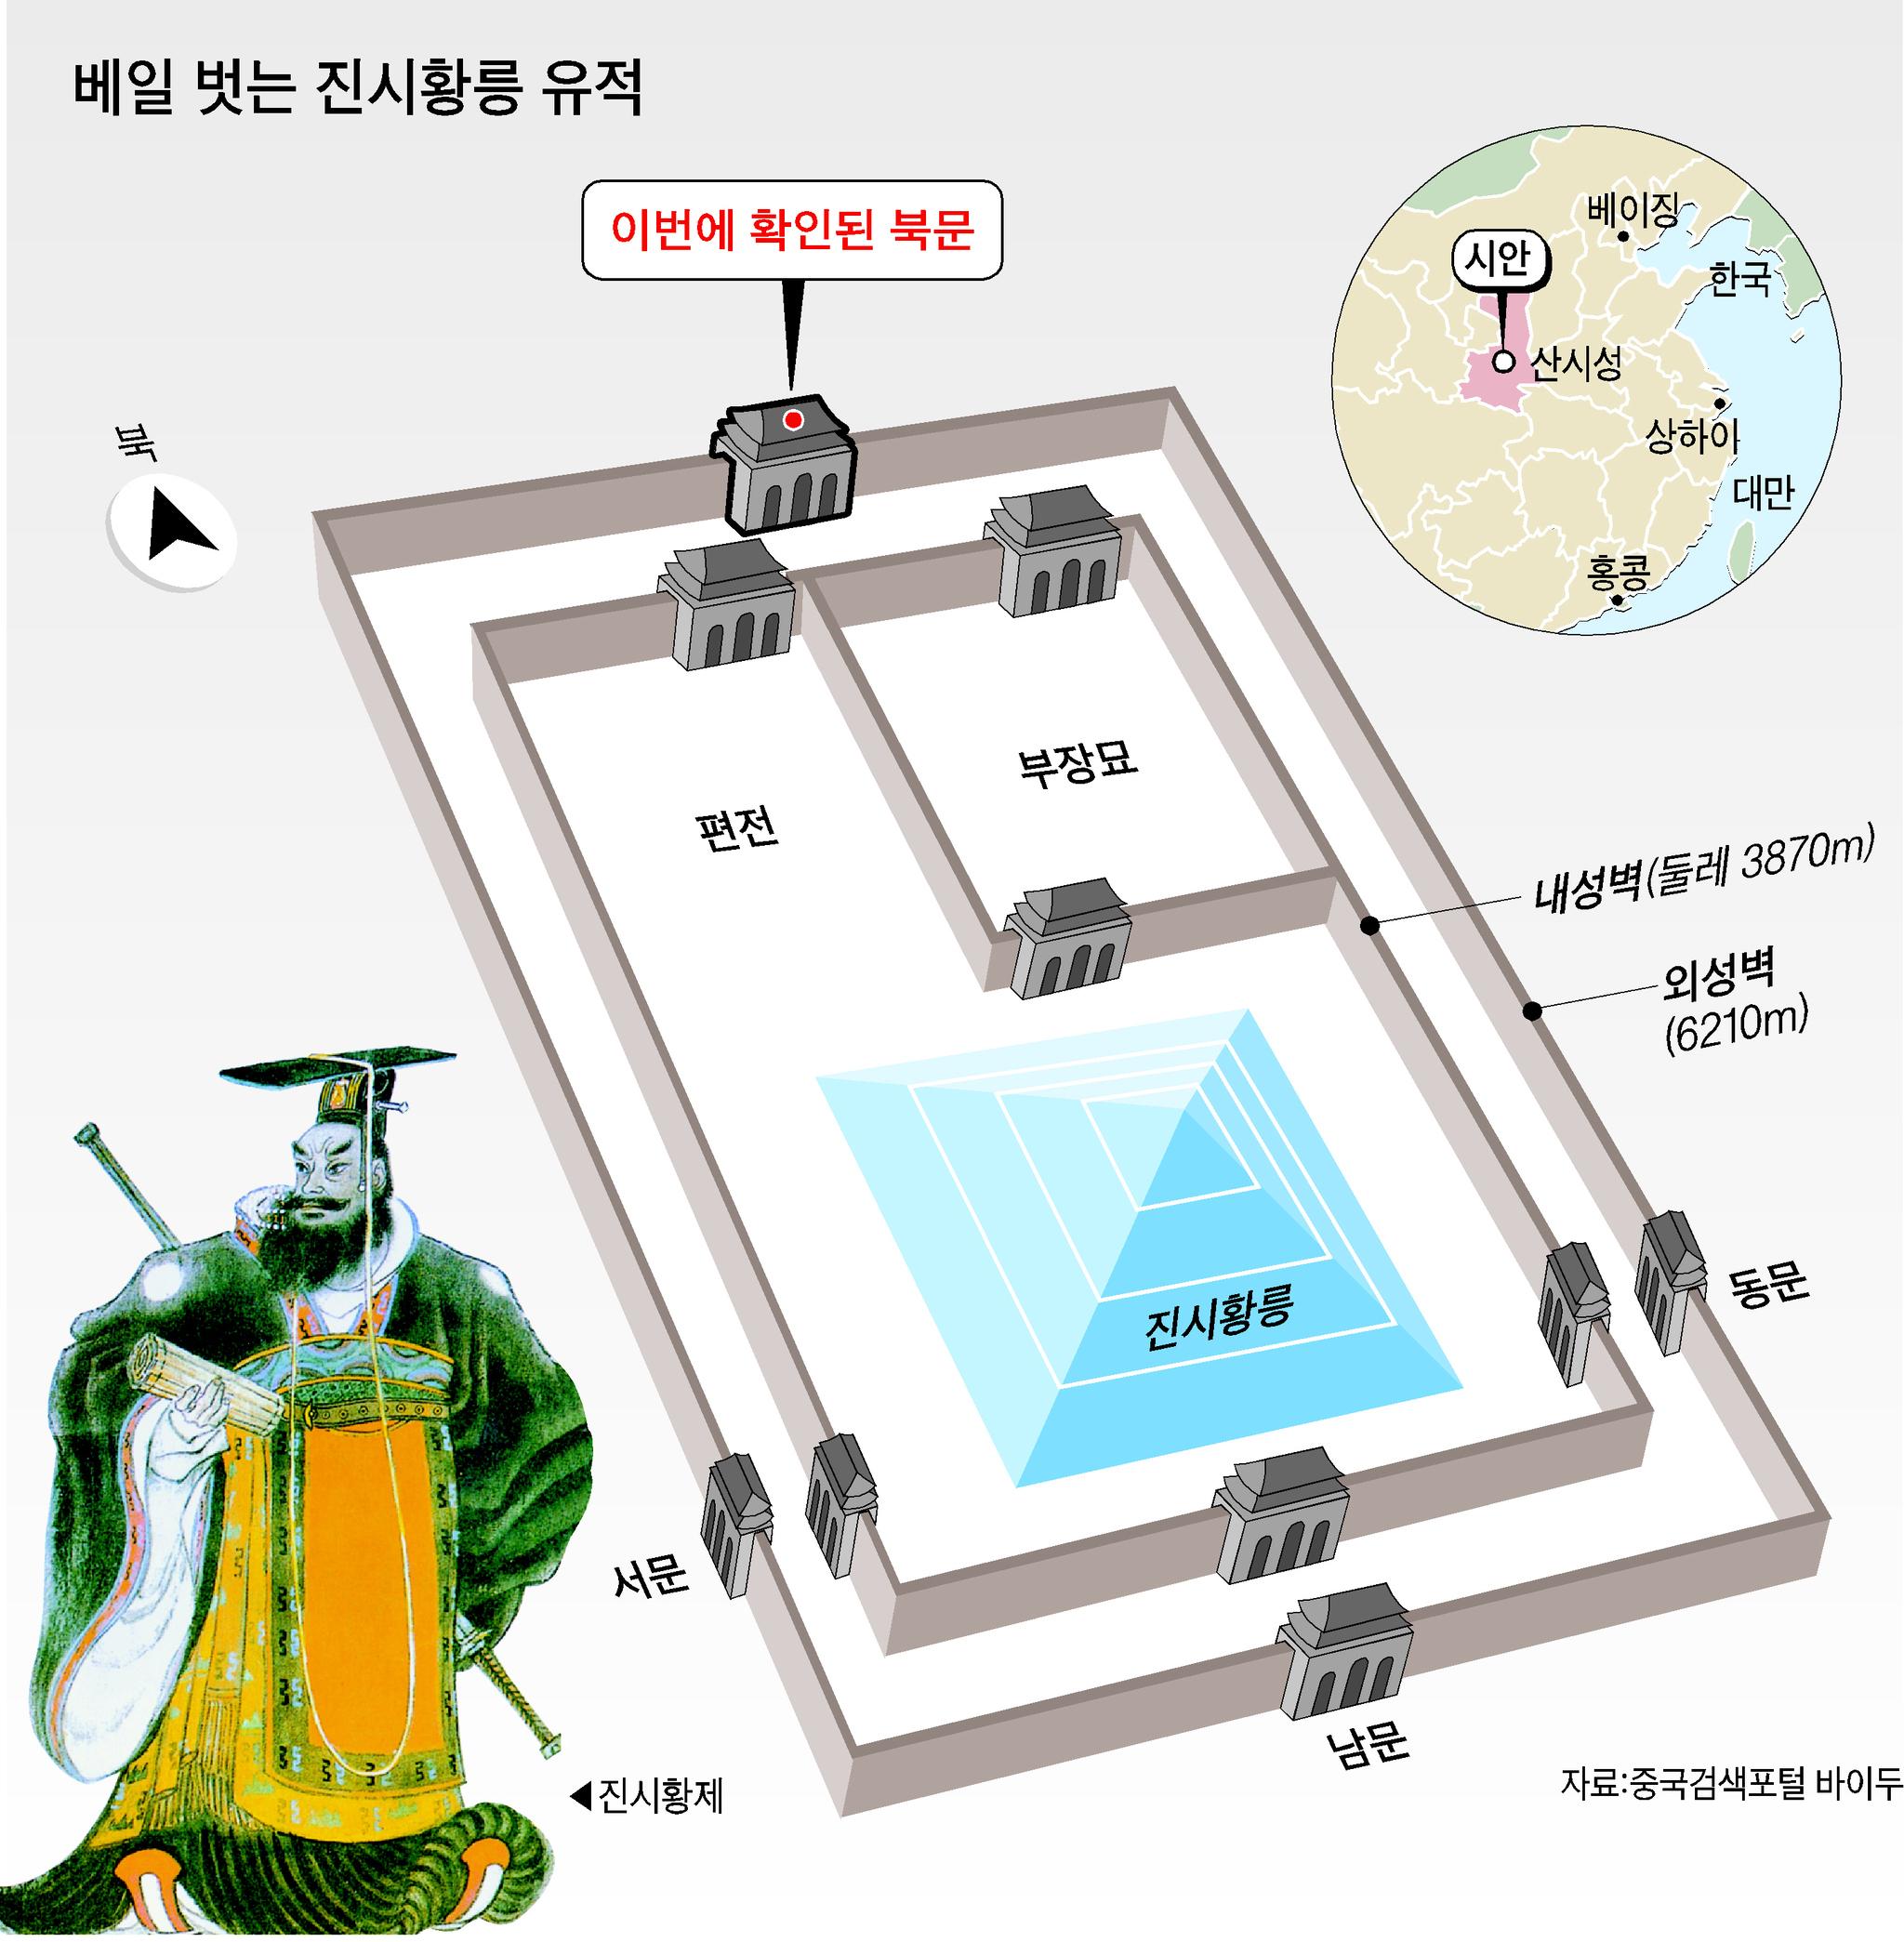 진시황릉 유적 [중앙포토]